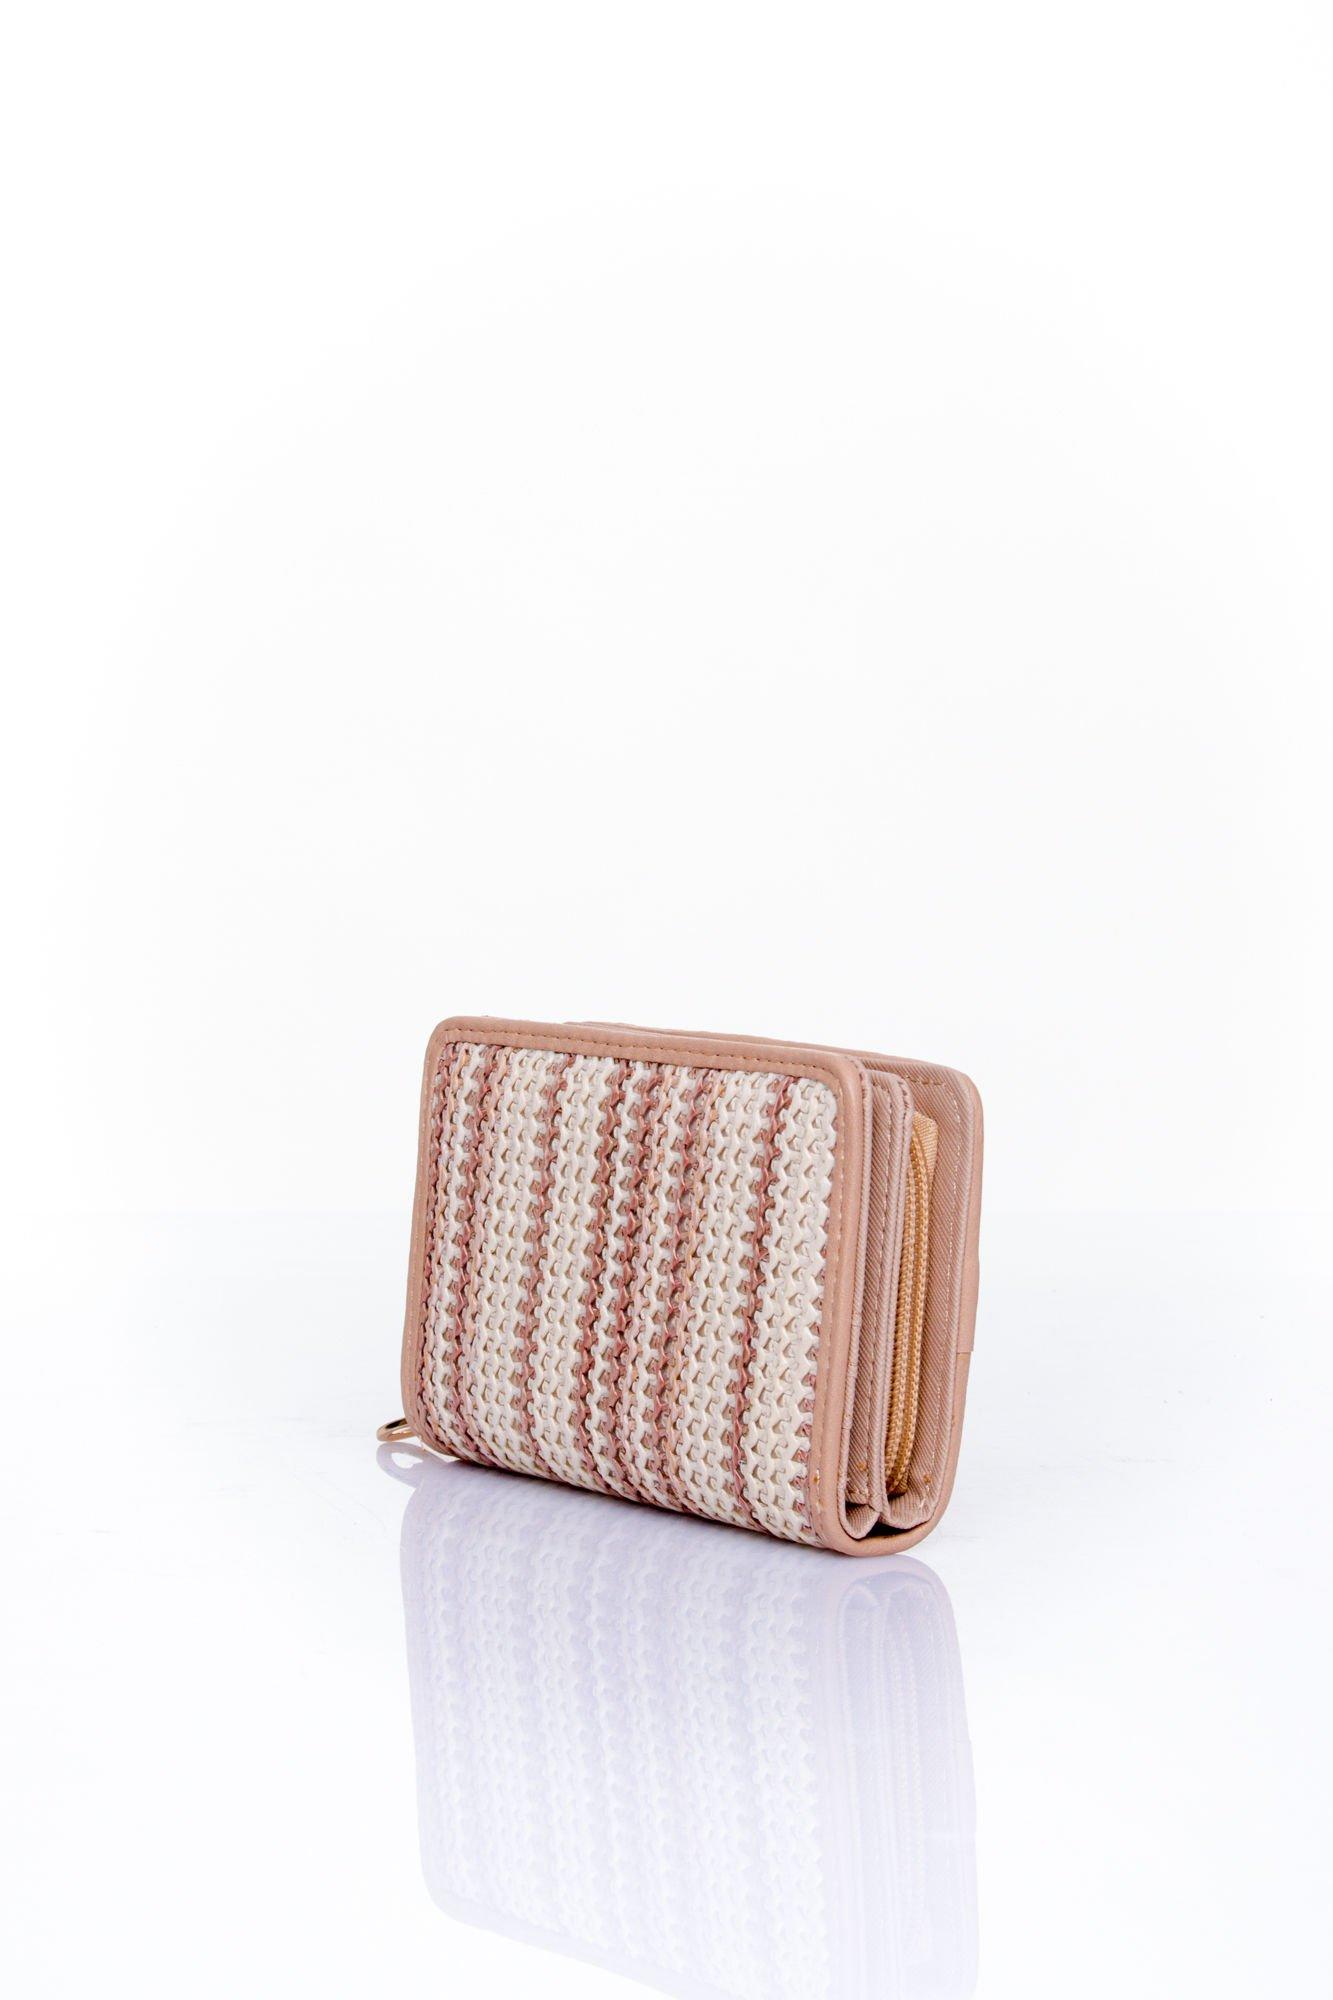 Beżowy portfel z plecionkowym wykończeniem                                  zdj.                                  2